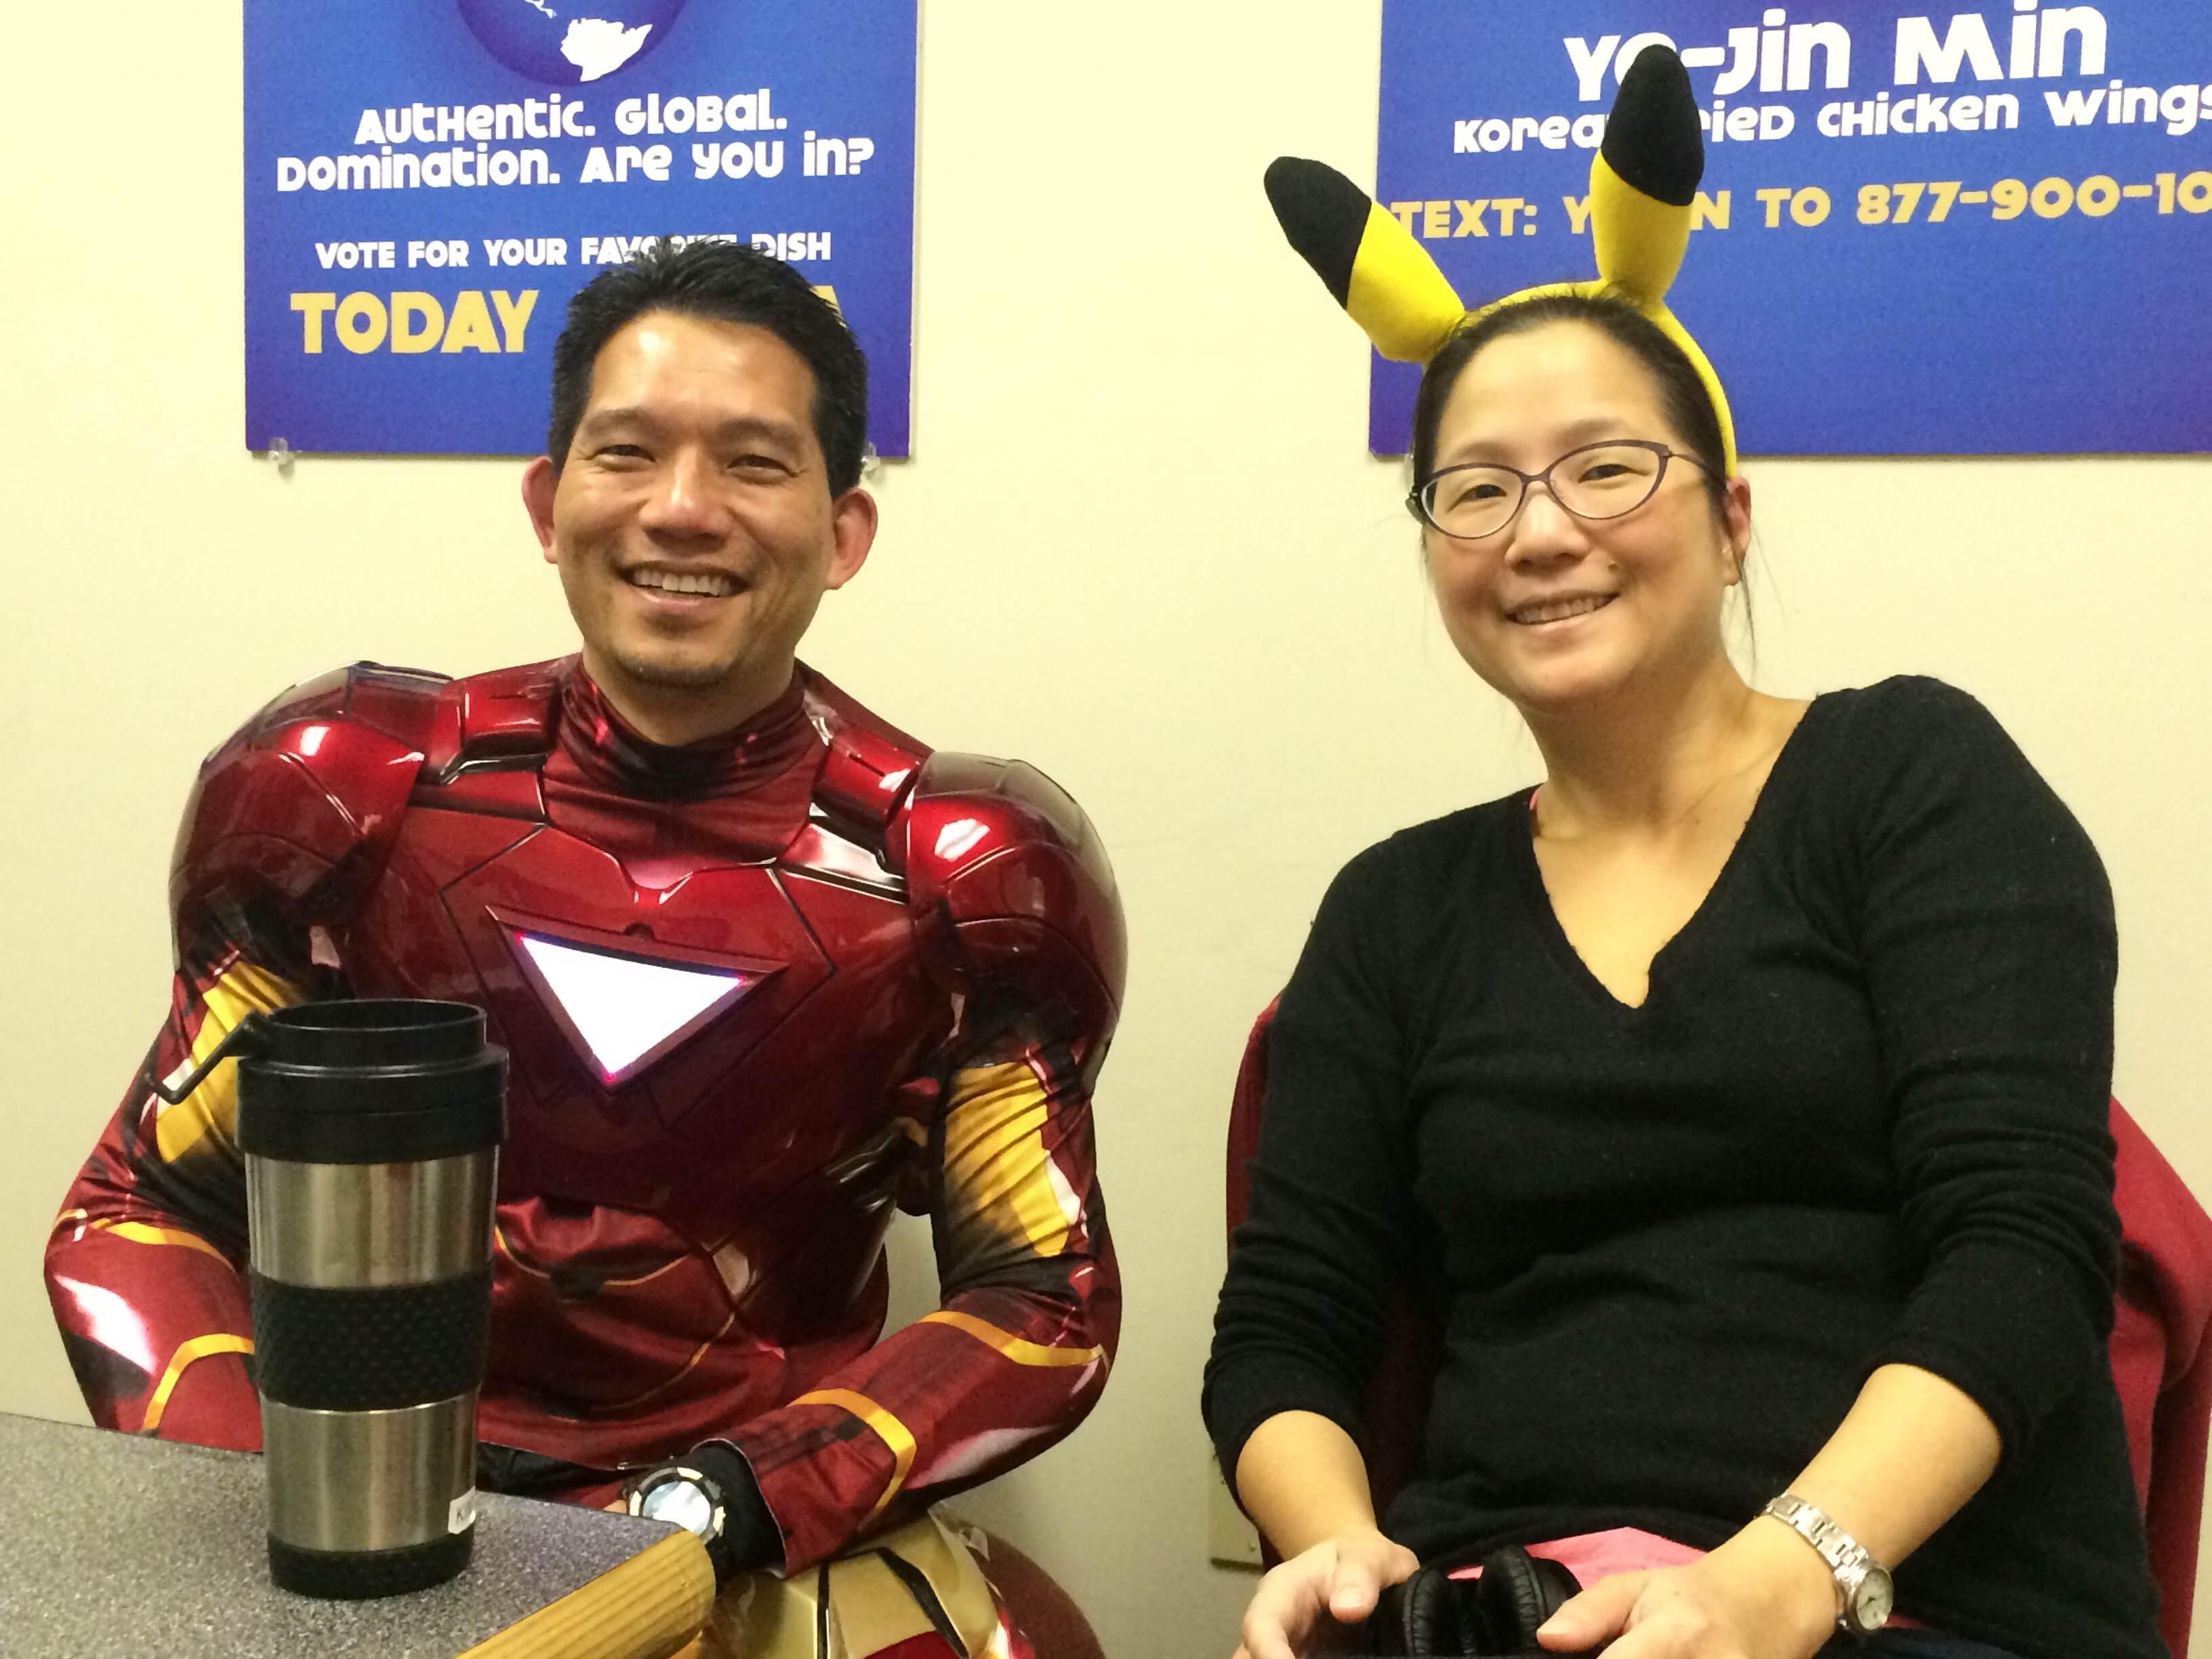 Jennifer Kim of NorthStar Vets comes to visit!